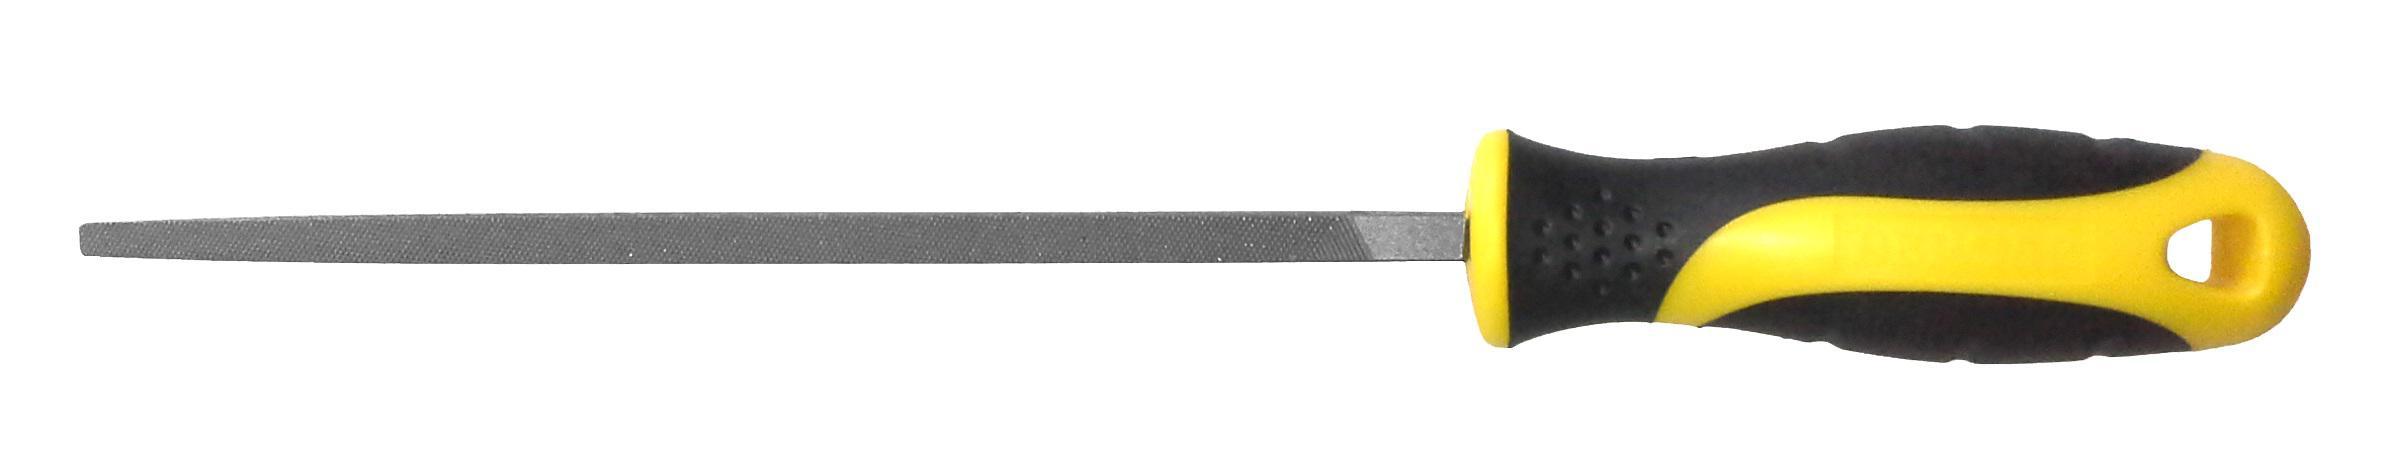 Напильник Berger Bg1151 напильник berger плоский с рукояткой 200 мм bg1150